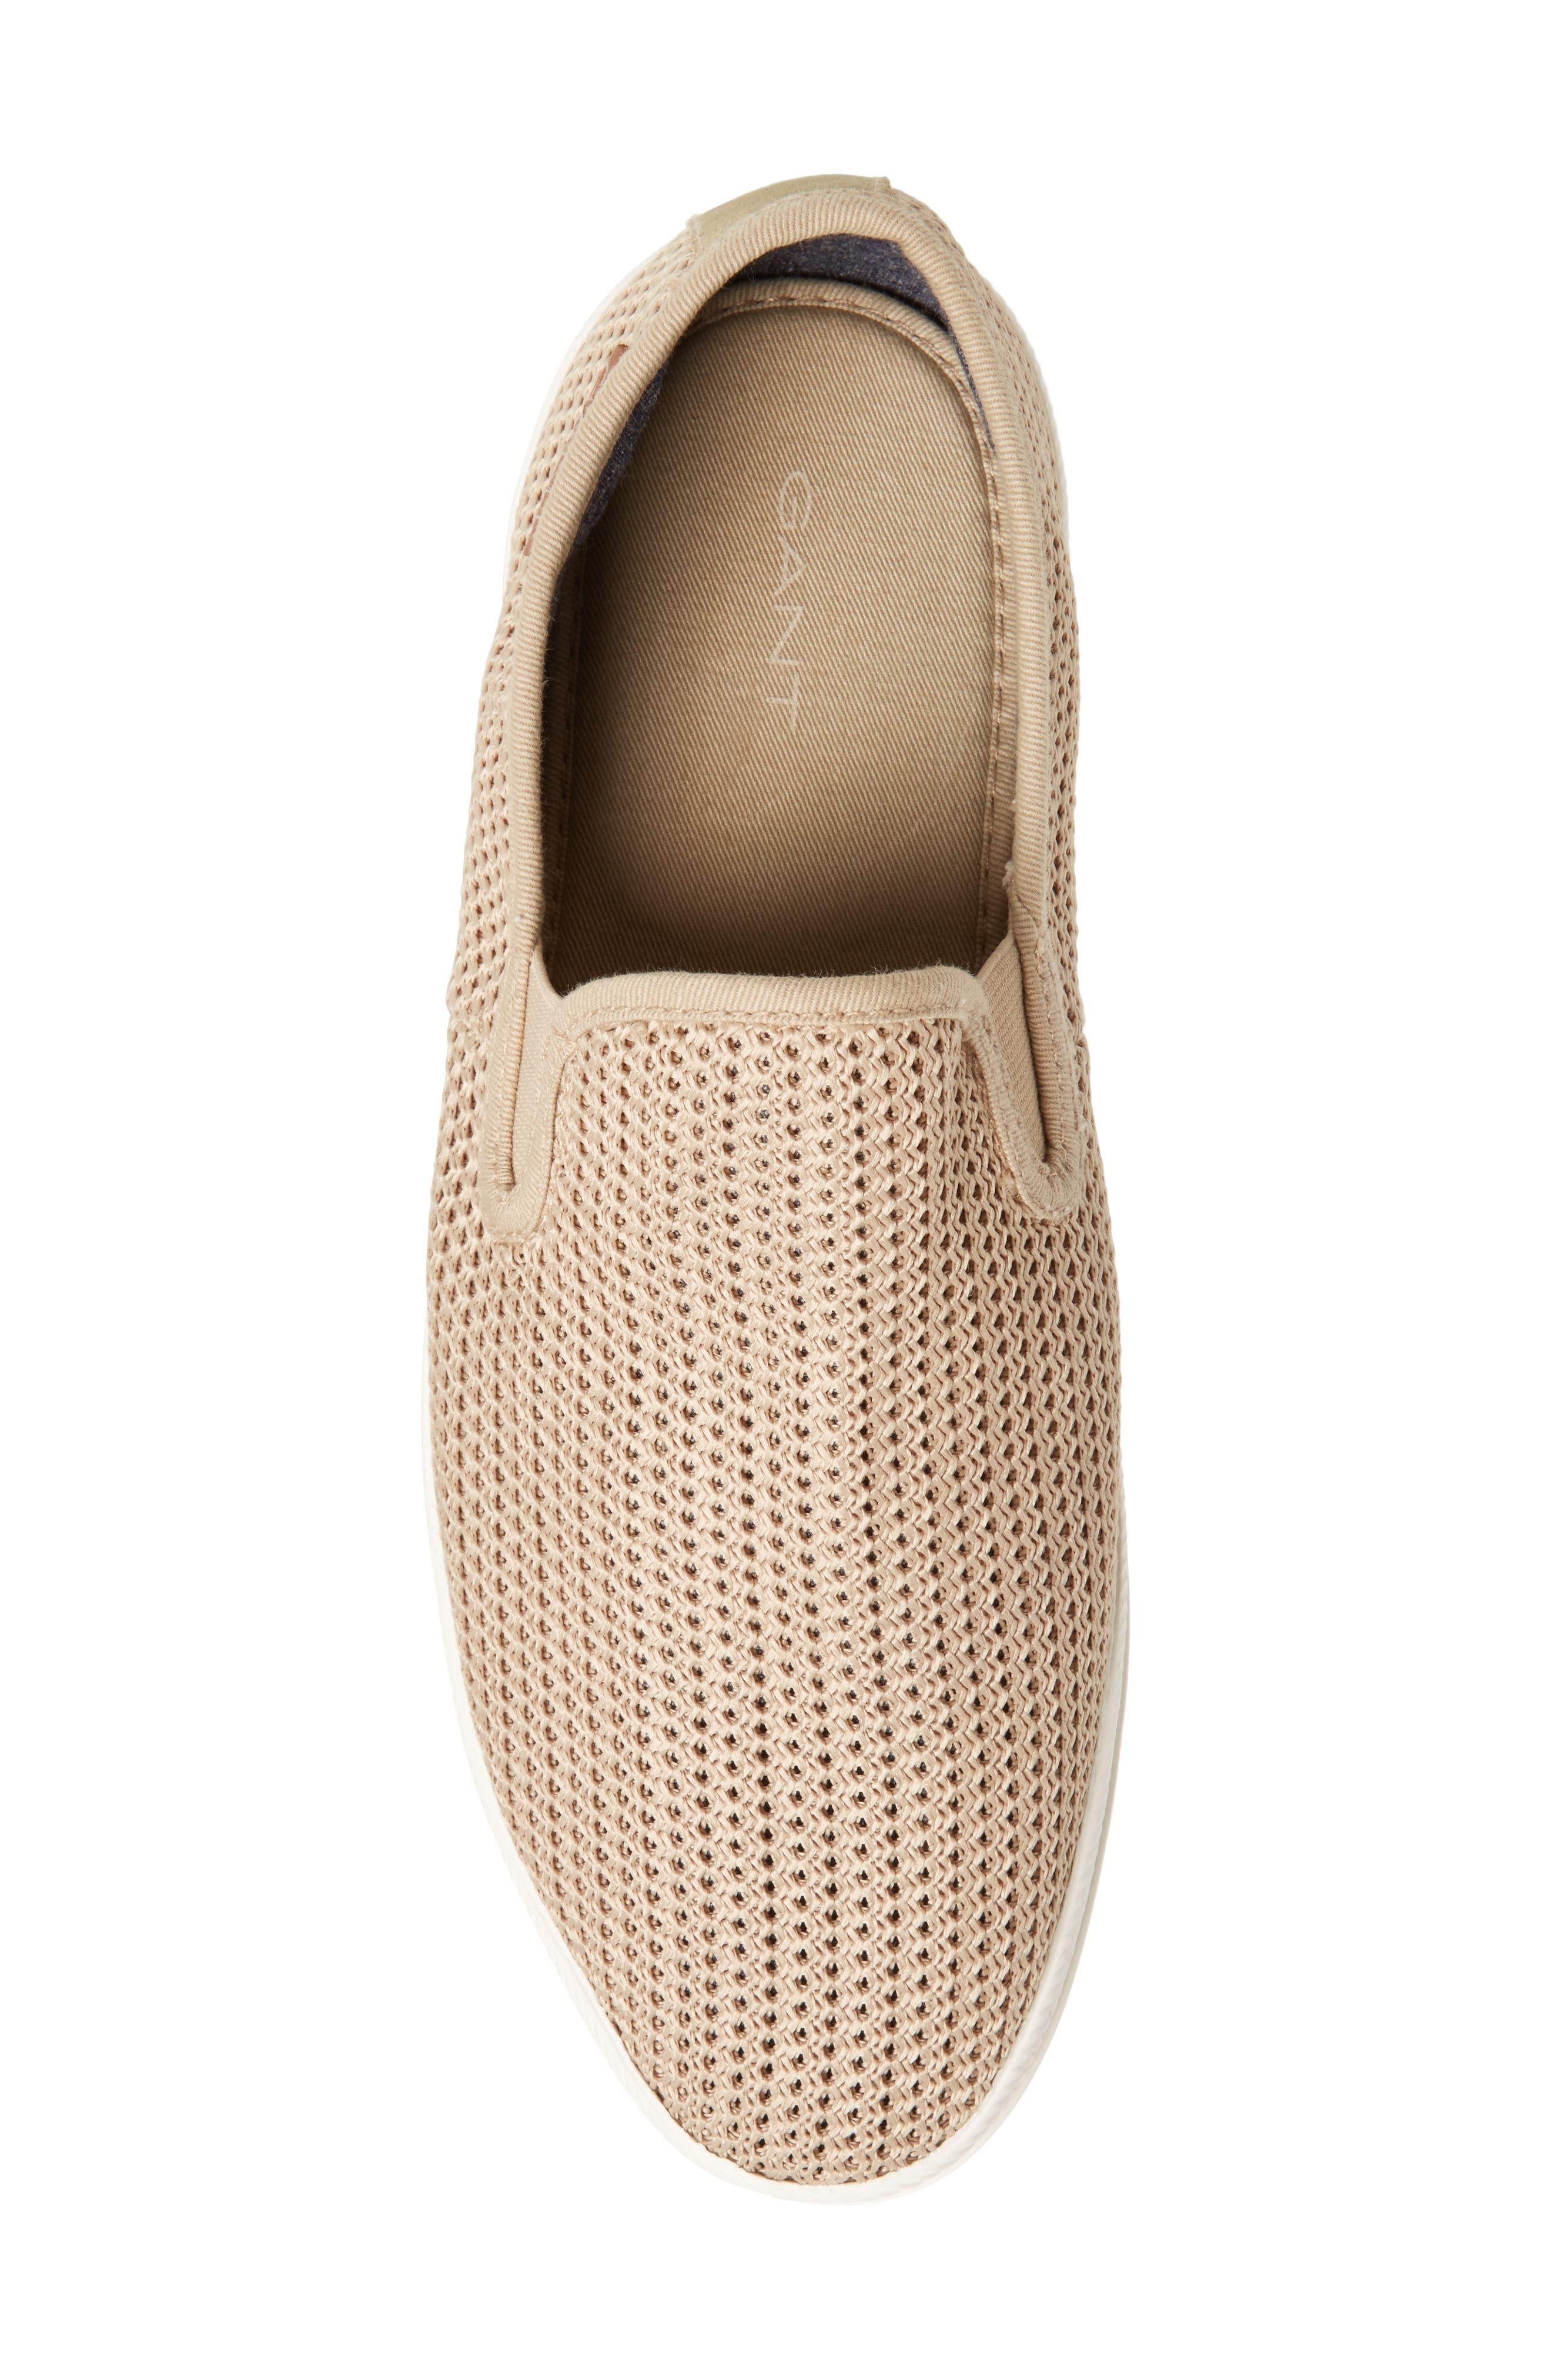 Viktor Woven Slip-On Sneaker,                             Alternate thumbnail 5, color,                             Dry Sand